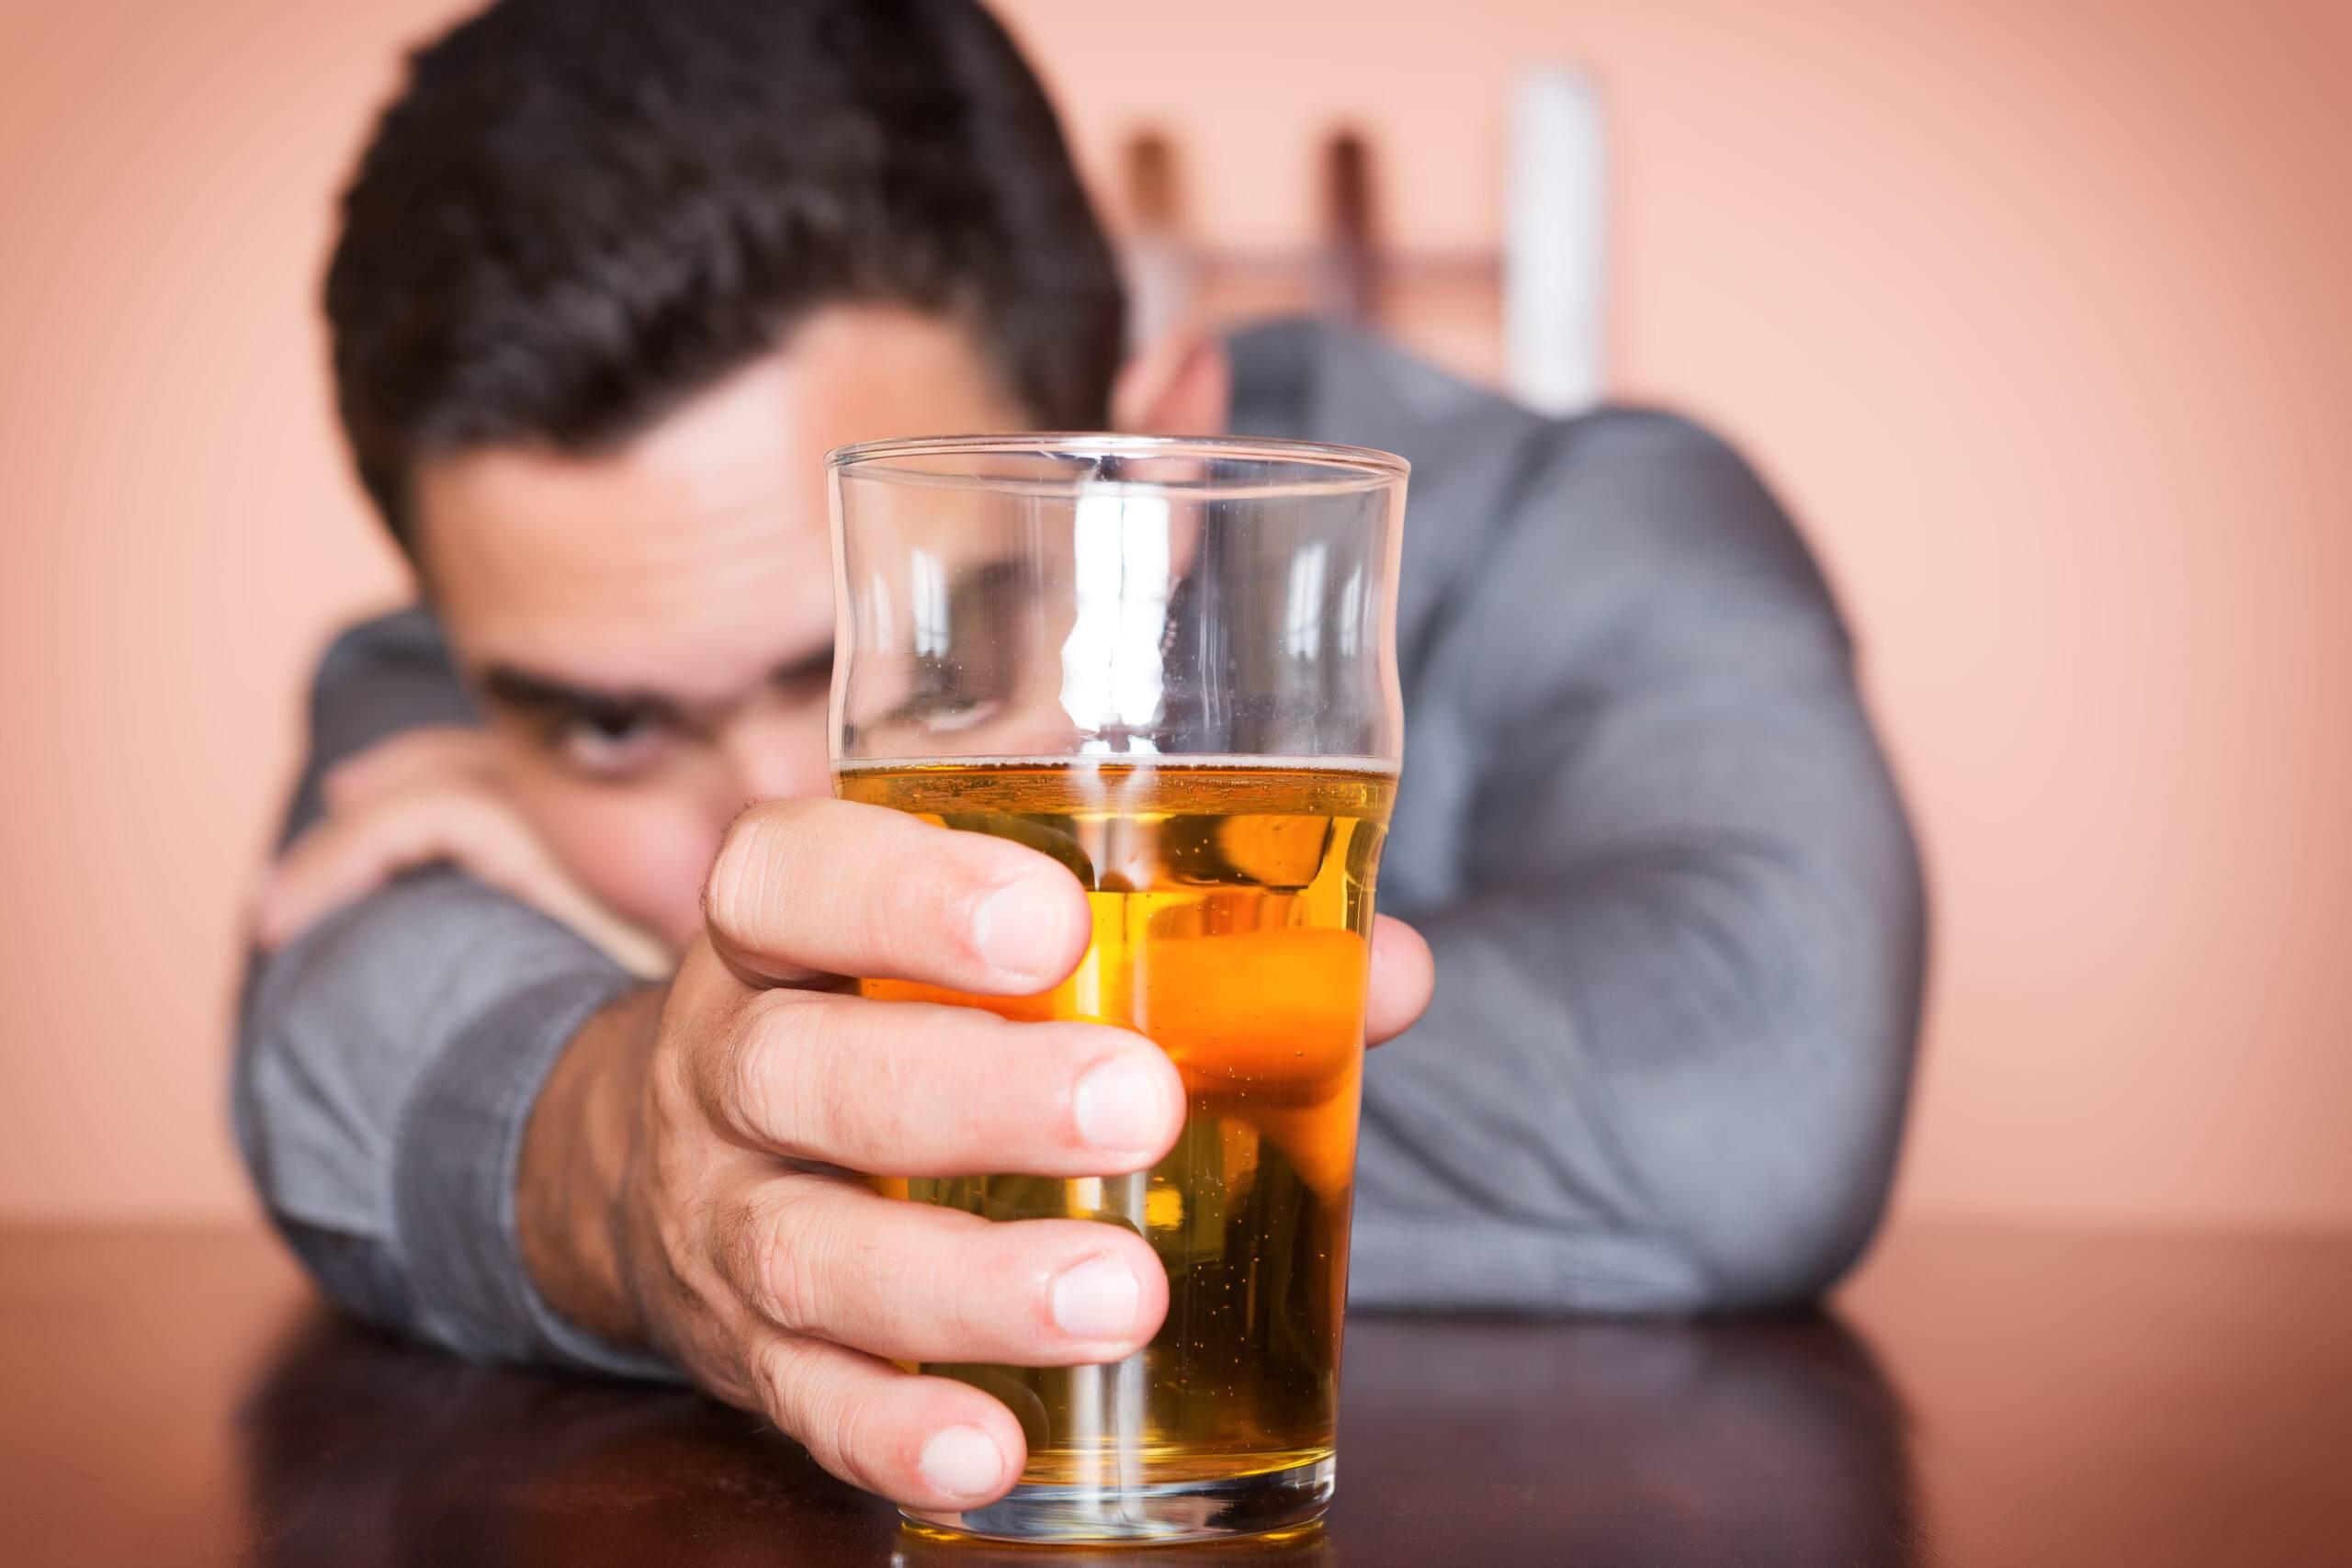 Алкоголизм у мужчин - признаки, стадии и последствия мужского алкоголизма - статьи - психотерапевтический центр «дар»